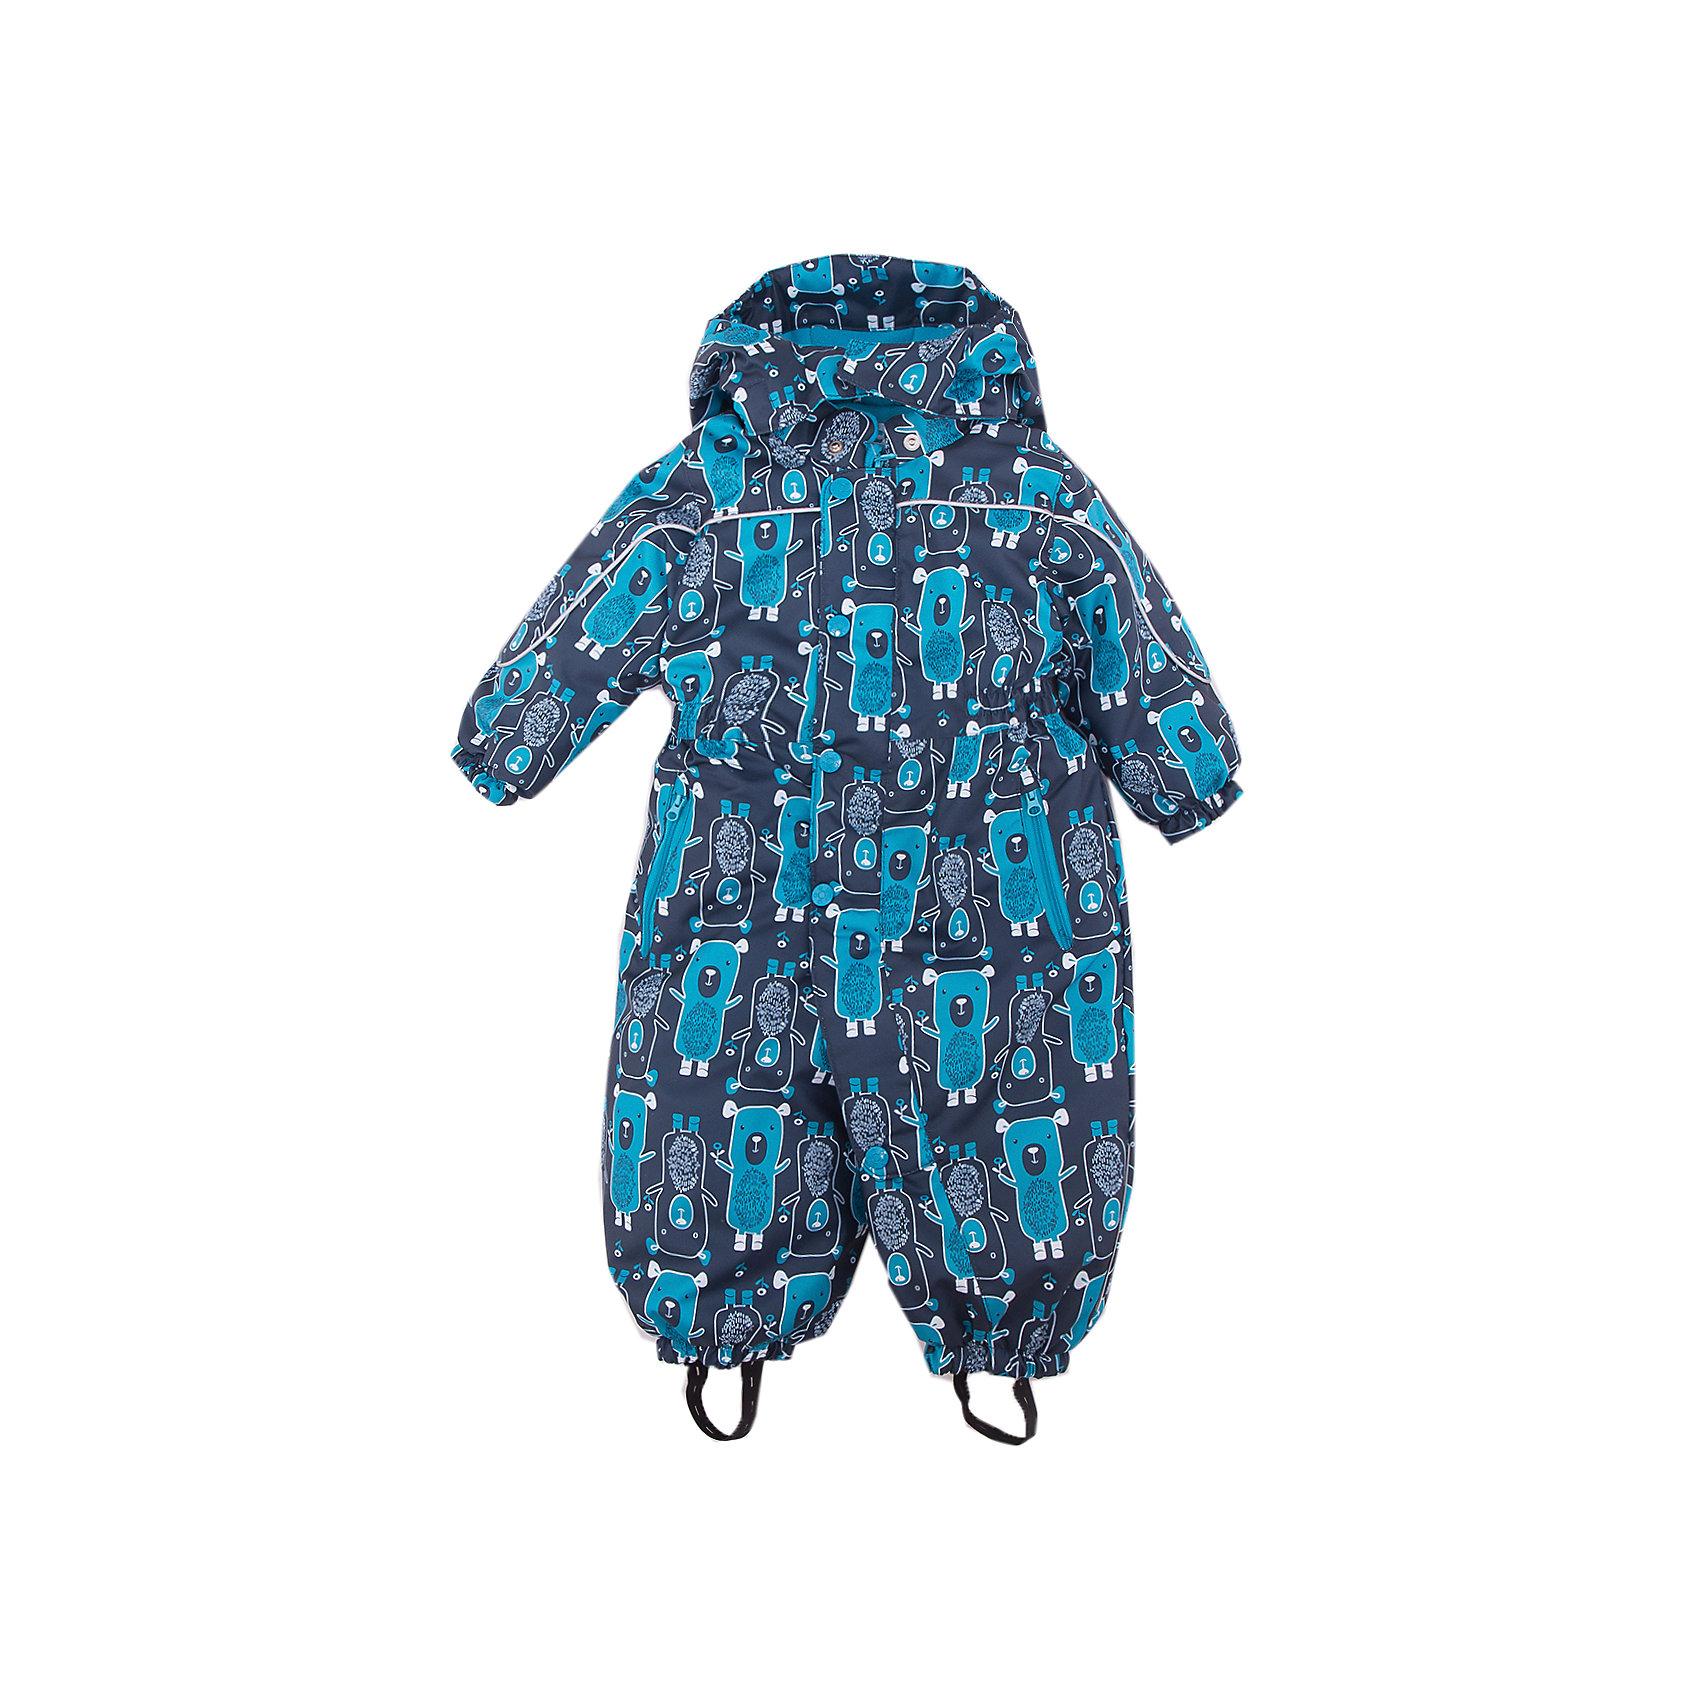 Комбинезон Дерри OLDOS для мальчикаВерхняя одежда<br>Характеристики товара:<br><br>• цвет: синий<br>• состав ткани: полиэстер<br>• подкладка: флис, гладкий полиэстер<br>• утеплитель: Hollofan <br>• сезон: зима<br>• мембранное покрытие<br>• температурный режим: от -30 до 0<br>• водонепроницаемость: 2000 мм <br>• паропроницаемость: 2000 г/м2<br>• плотность утеплителя: 300 г/м2<br>• застежка: молния<br>• капюшон: без меха, съемный<br>• силиконовые штрипки<br>• страна бренда: Россия<br>• страна изготовитель: Россия<br><br>В этом детском комбинезоне - гипоаллергенный утеплитель, который хорошо удерживает тепло. Мембранный верх комбинезона создает комфортный для ребенка микроклимат. Теплый комбинезон для ребенка дополнен множеством элементов для дополнительного комфорта: силиконовые штрипки, капюшон, манжеты, планка от ветра.<br><br>Комбинезон Дерри Oldos (Олдос) для мальчика можно купить в нашем интернет-магазине.<br><br>Ширина мм: 356<br>Глубина мм: 10<br>Высота мм: 245<br>Вес г: 519<br>Цвет: синий<br>Возраст от месяцев: 18<br>Возраст до месяцев: 24<br>Пол: Мужской<br>Возраст: Детский<br>Размер: 92,80,86<br>SKU: 7016296